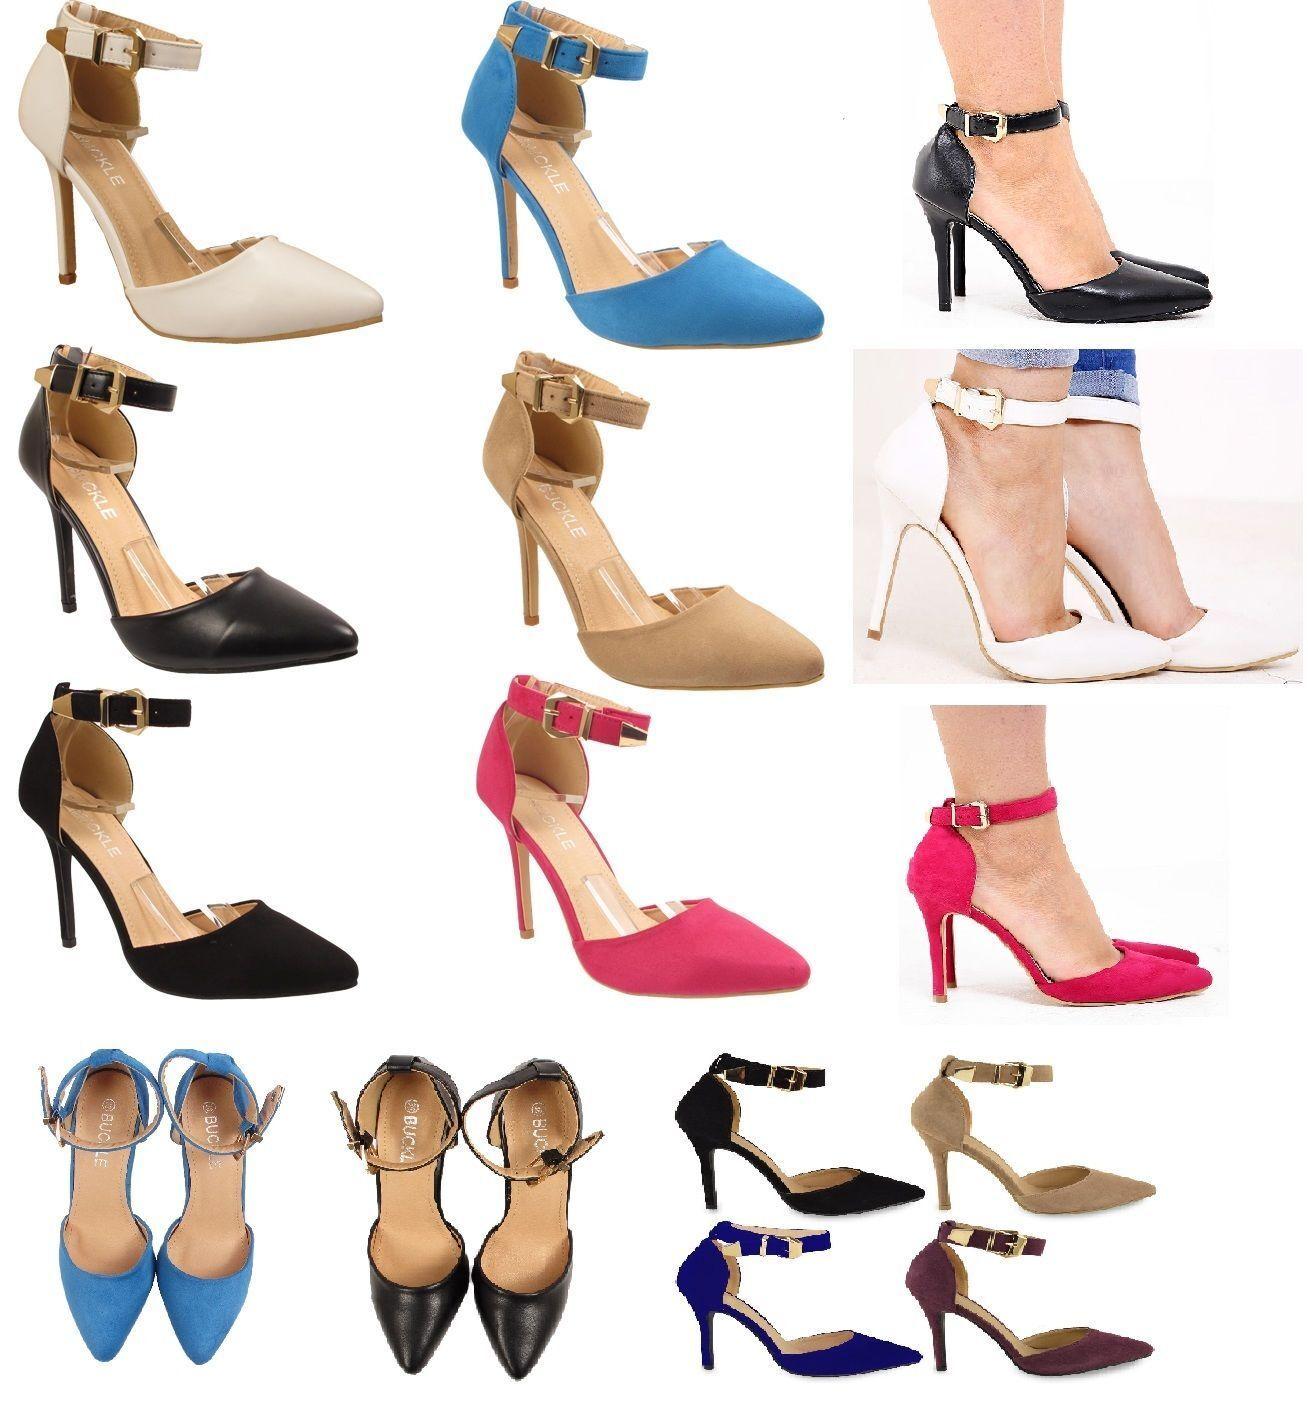 Damenschuhe LADIES HIGH HEEL POINTY TOE STILETTO SANDALS ANKLE STRAP COURT Schuhe 3-8